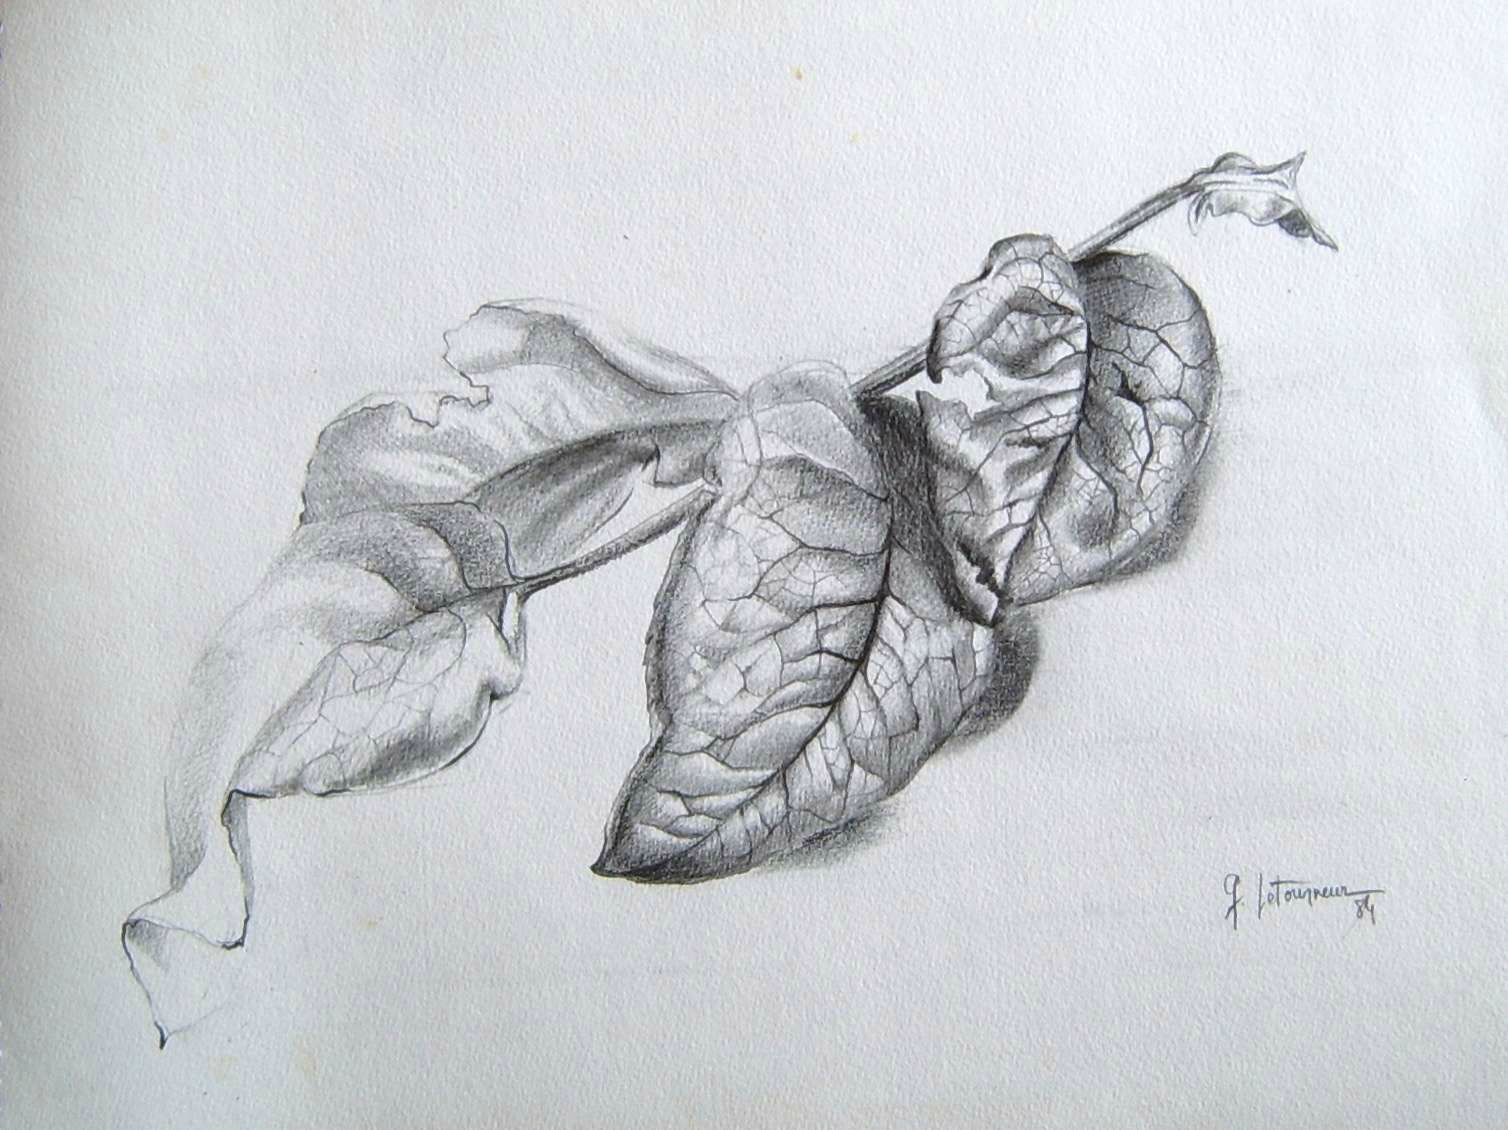 Etude végétal feuillage Dessin crayon graphite Ghislaine Letourneur 1984